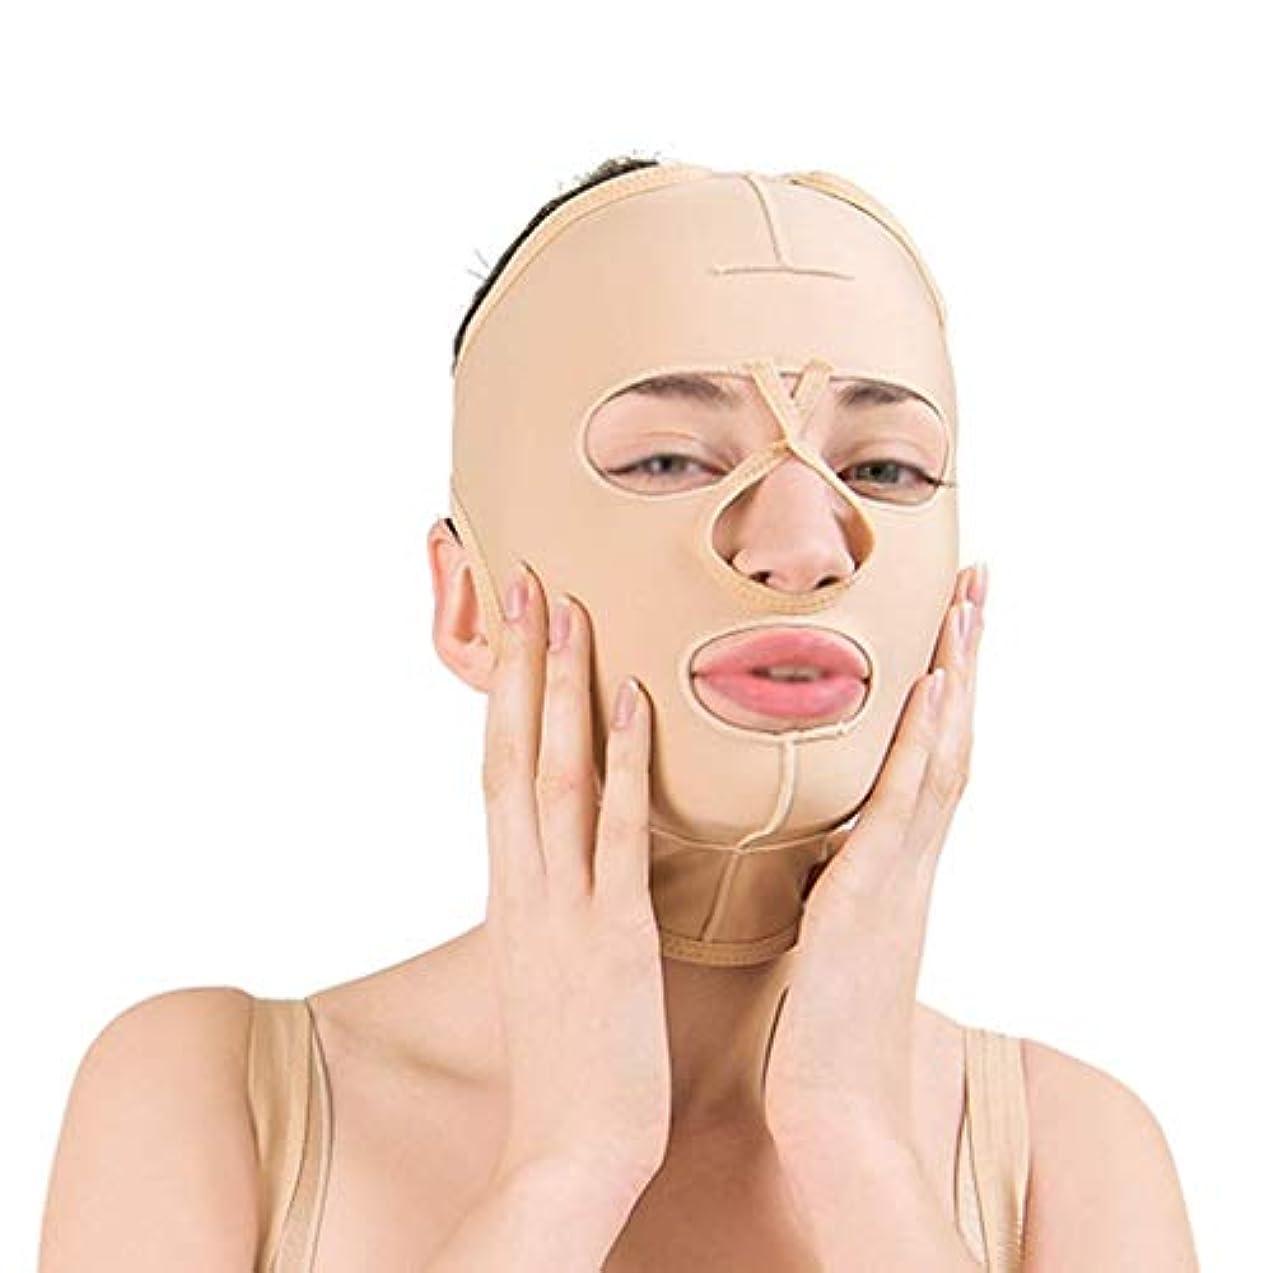 符号追い越す不安フェイススリミングマスク、フェイスバンデージ付きフェイシャル減量マスク、通気性フェイスリフト、引き締め、フェイスリフティング(サイズ:L),ザ?